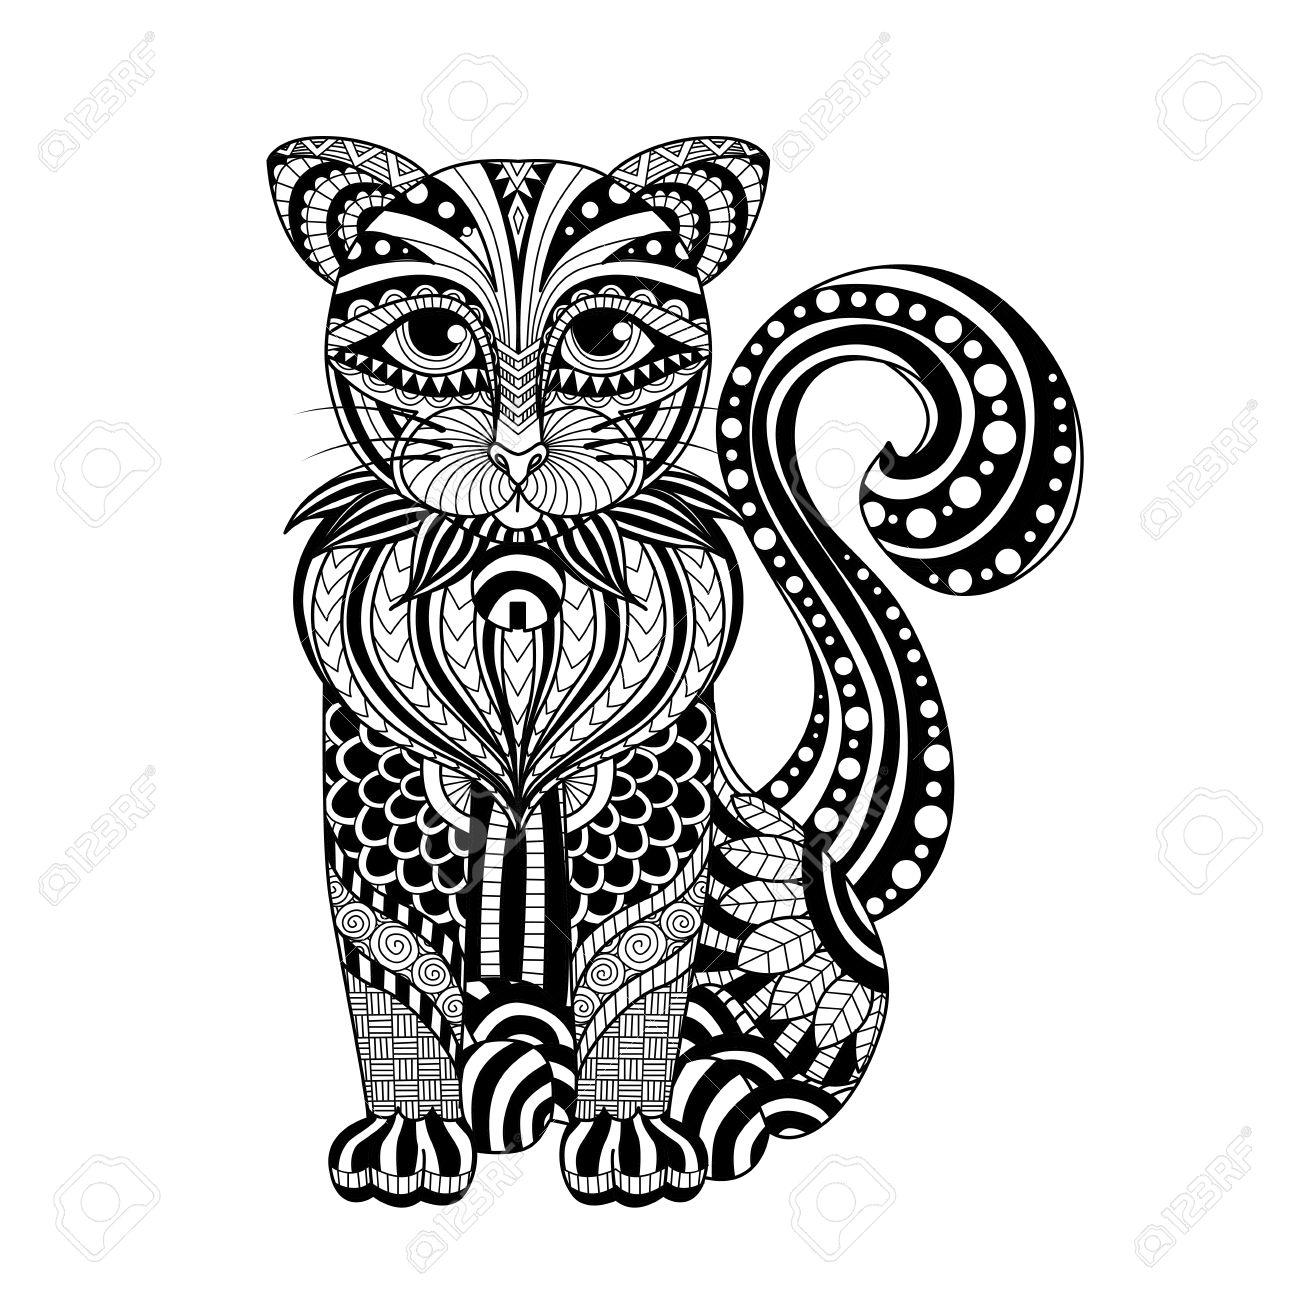 Dibujo Del Gato Para Colorear Página Camisa Efecto De Diseño